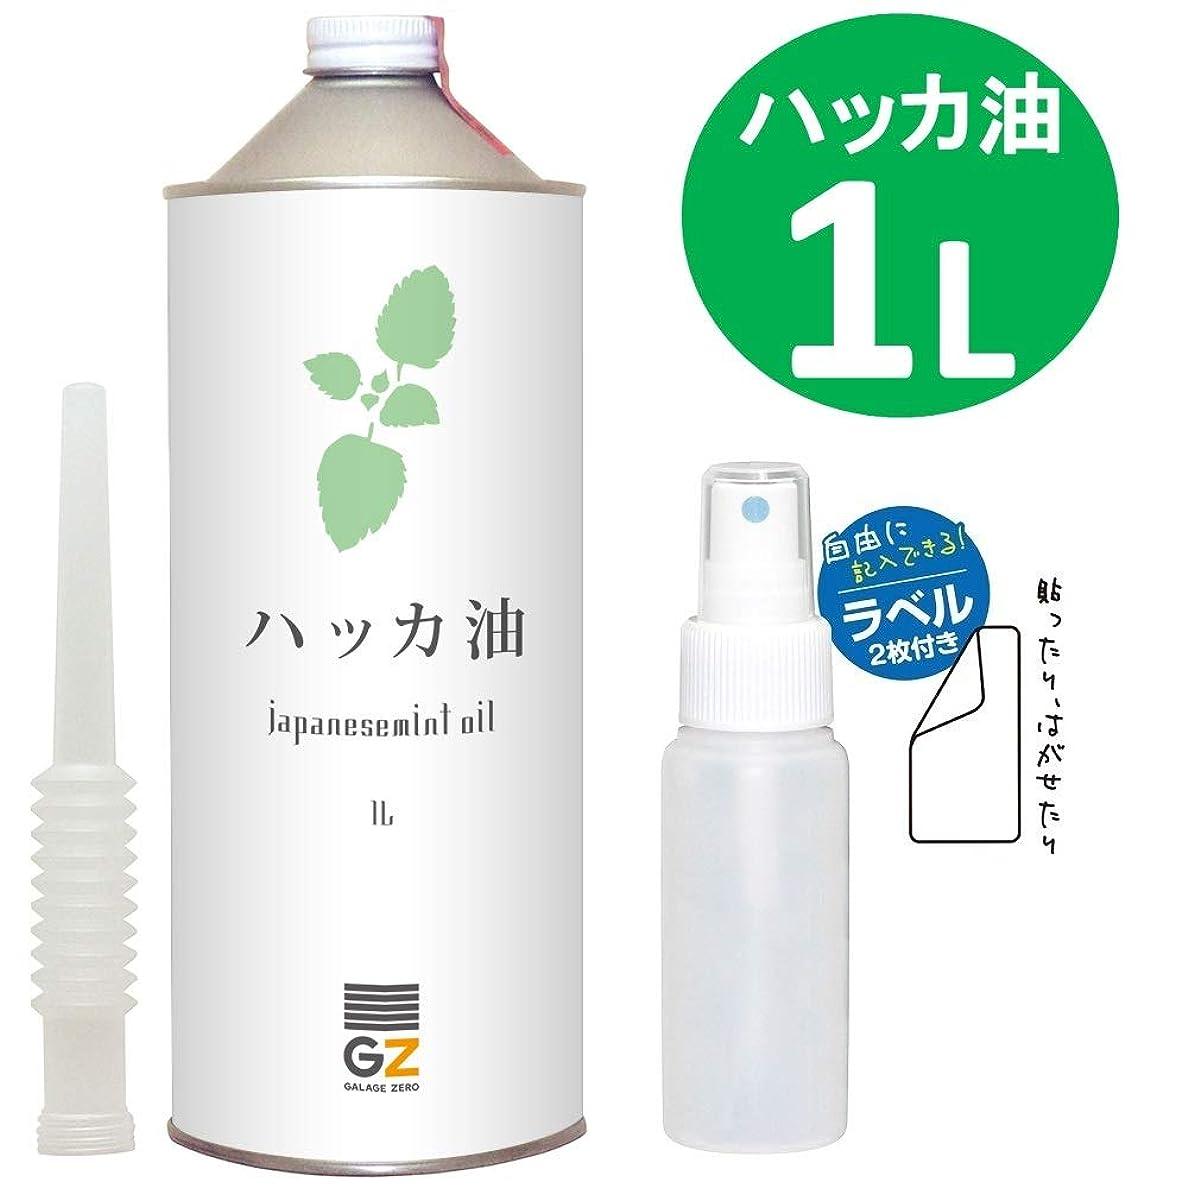 ガレージ?ゼロ ハッカ油 1L(GZAK14)+50mlPEスプレーボトル/和種薄荷/ジャパニーズミント GSE531